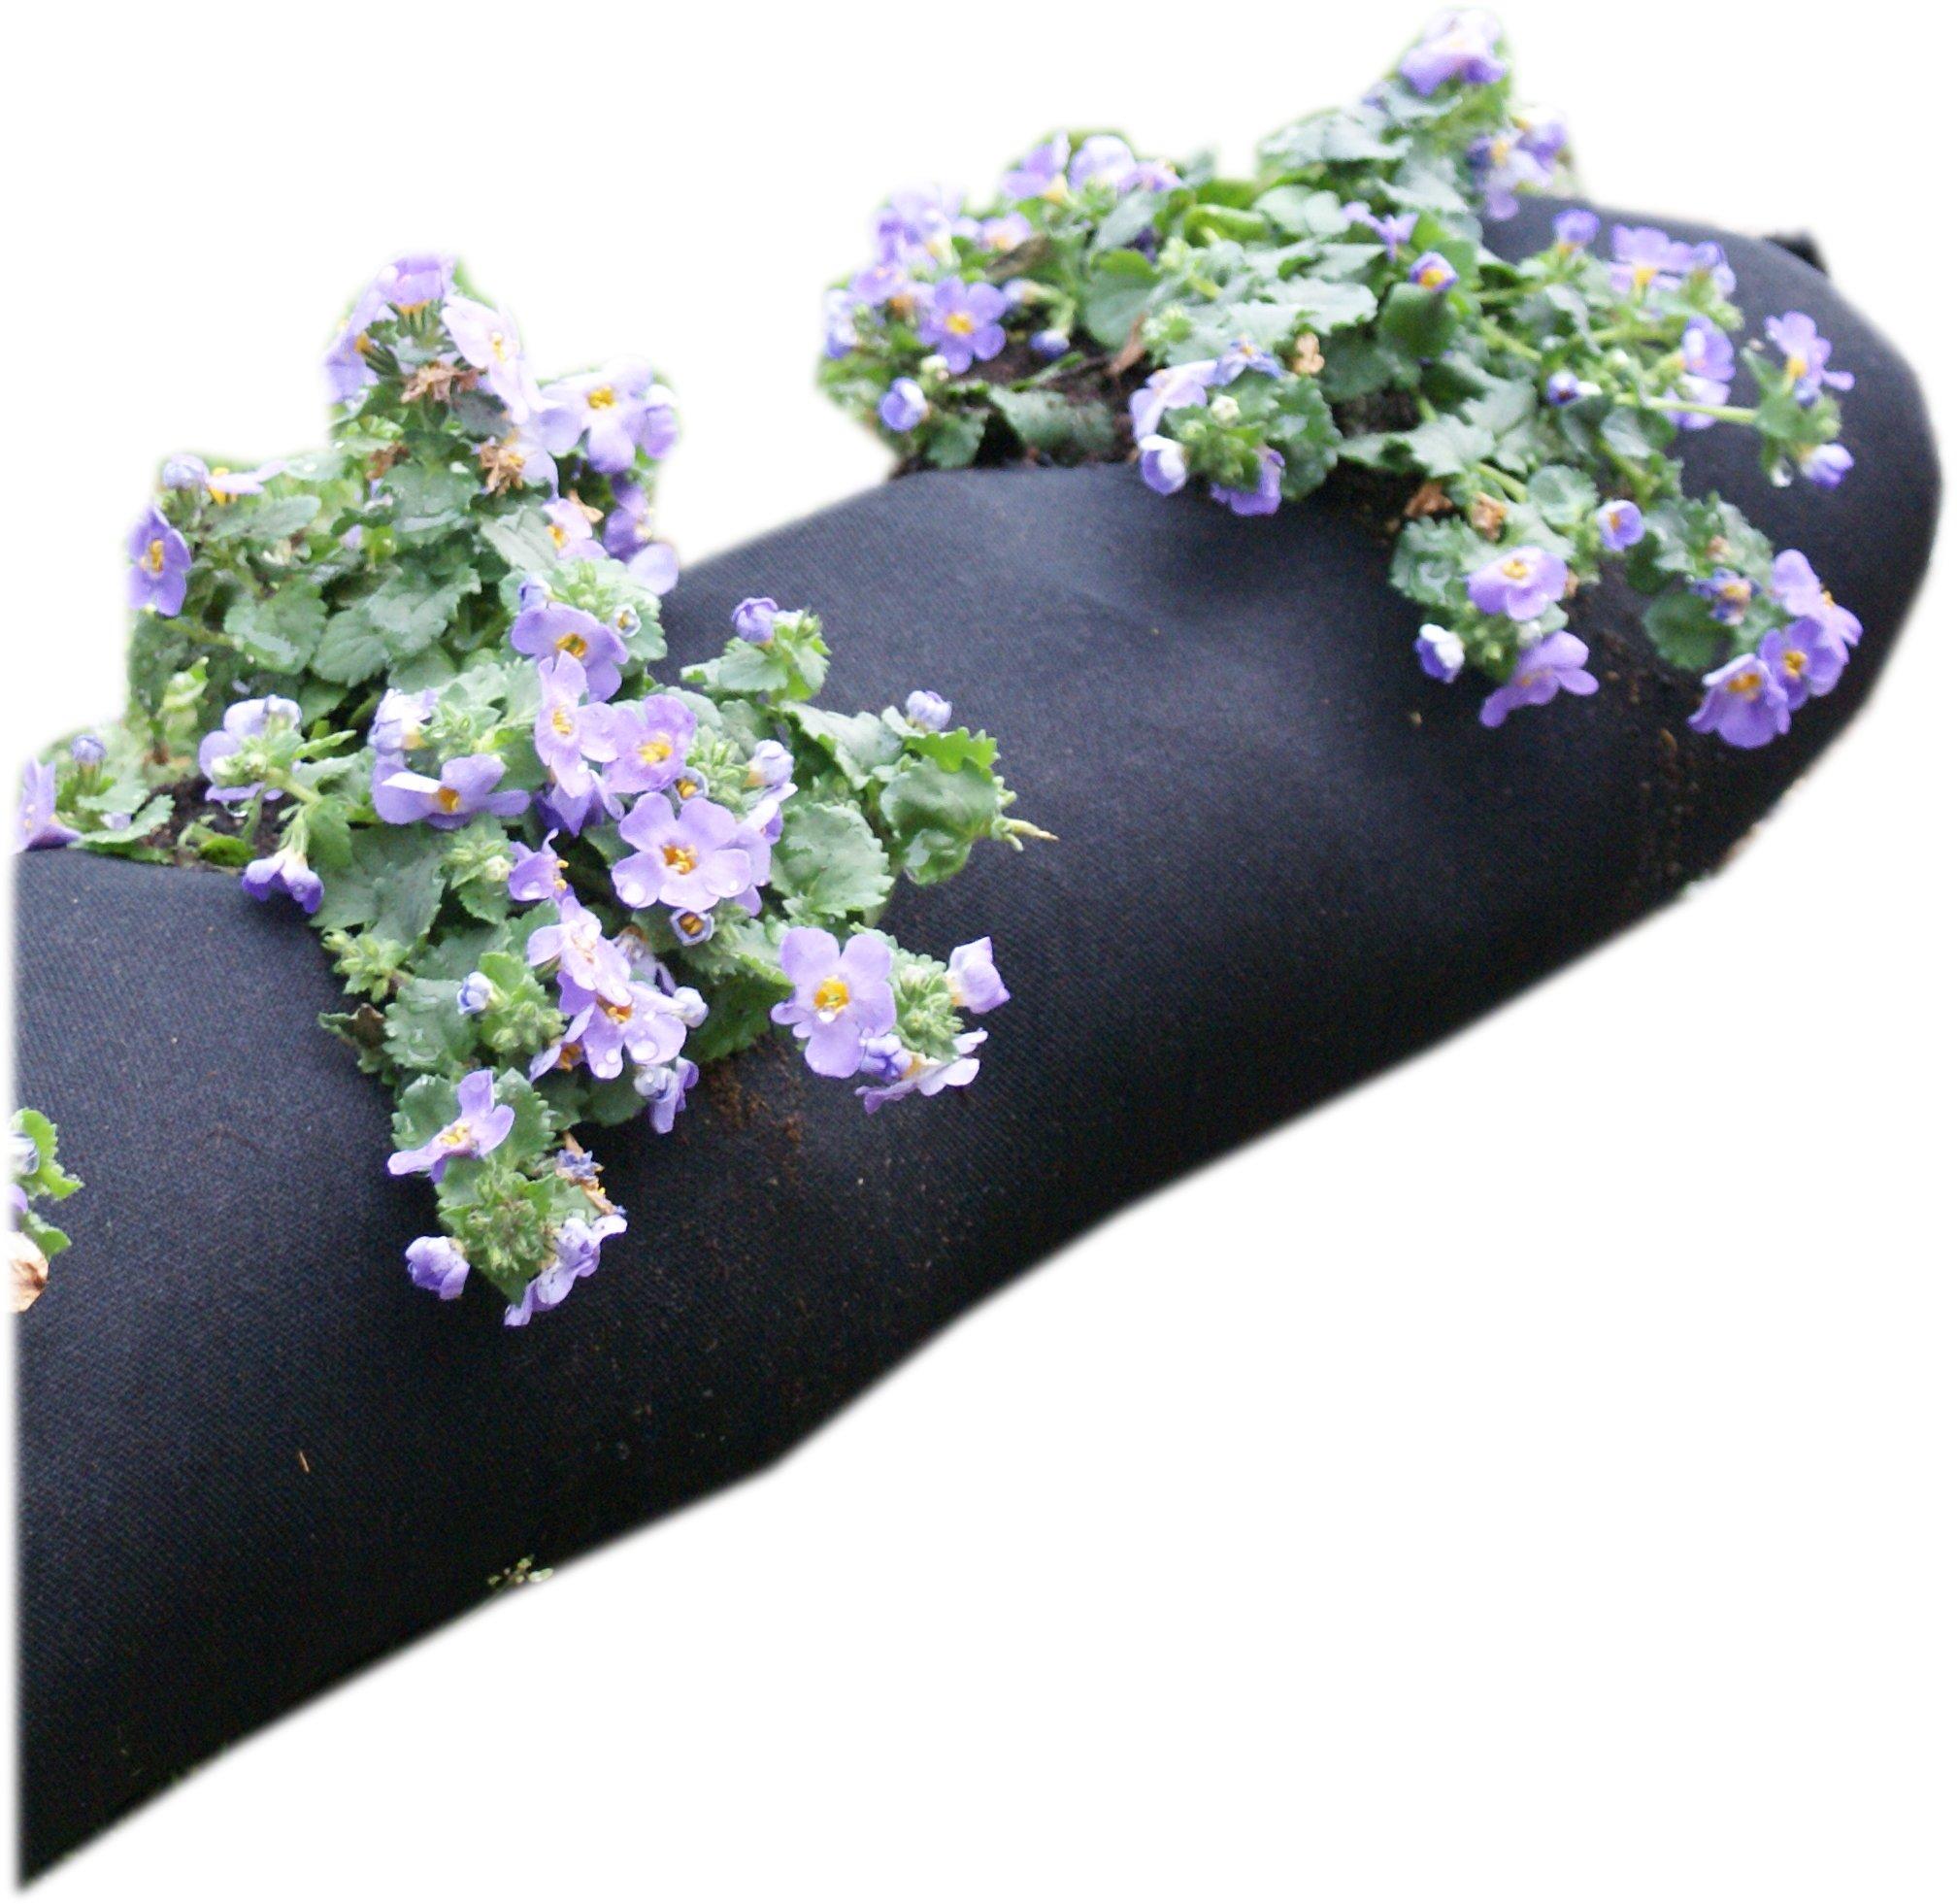 4m plantation geotextile weed tissu jardin. Black Bedroom Furniture Sets. Home Design Ideas